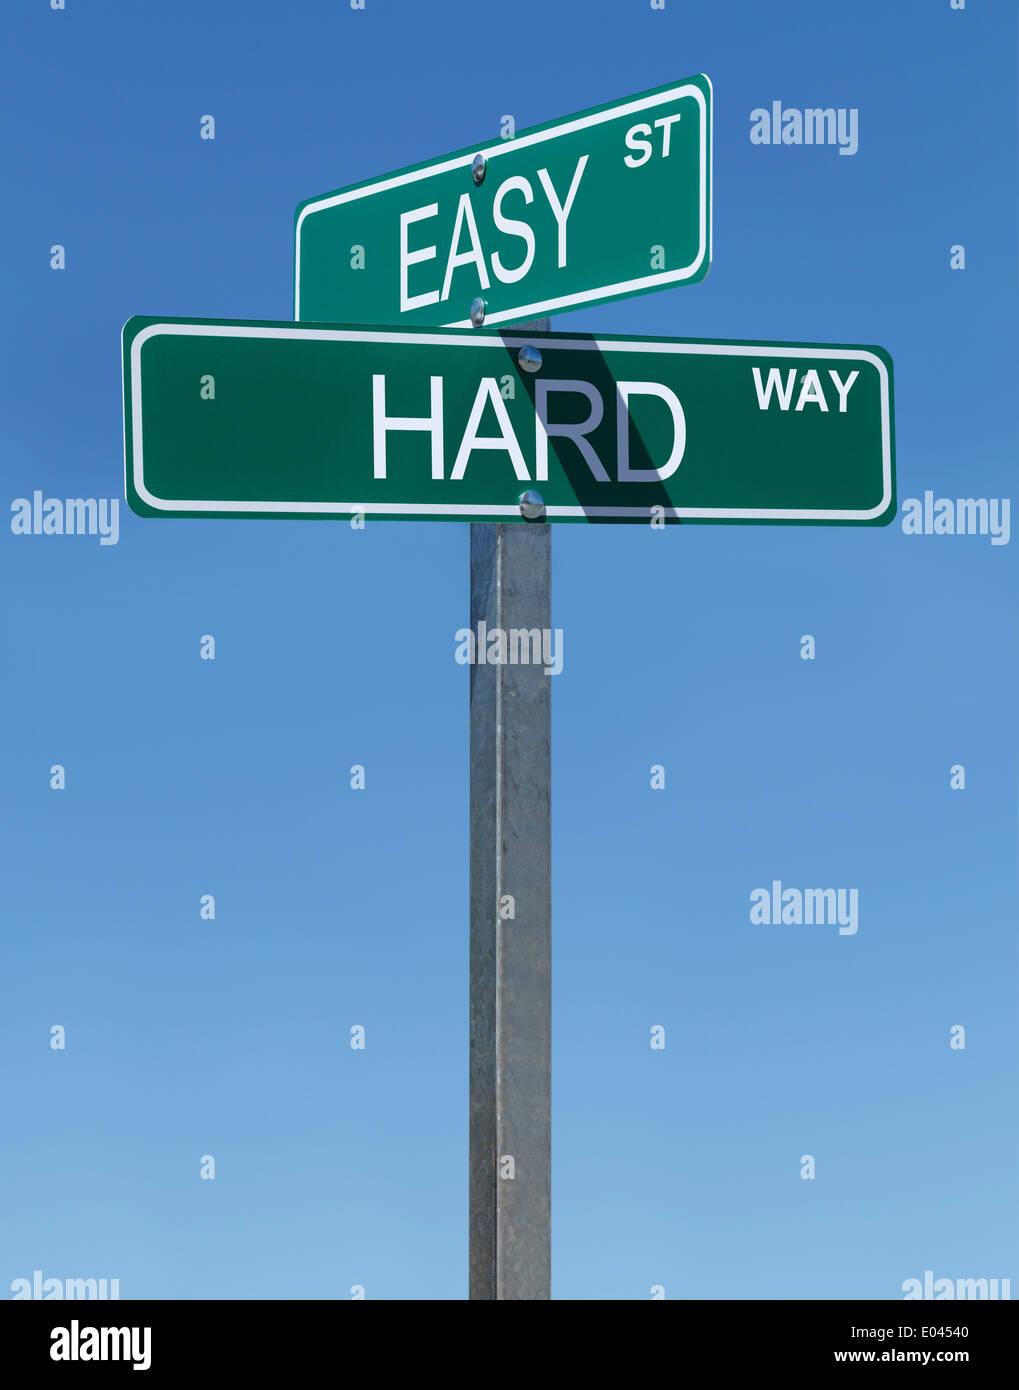 Zwei grüne Straße Zeichen Easy Street und harte Tour mit blauem Himmelshintergrund. Stockbild